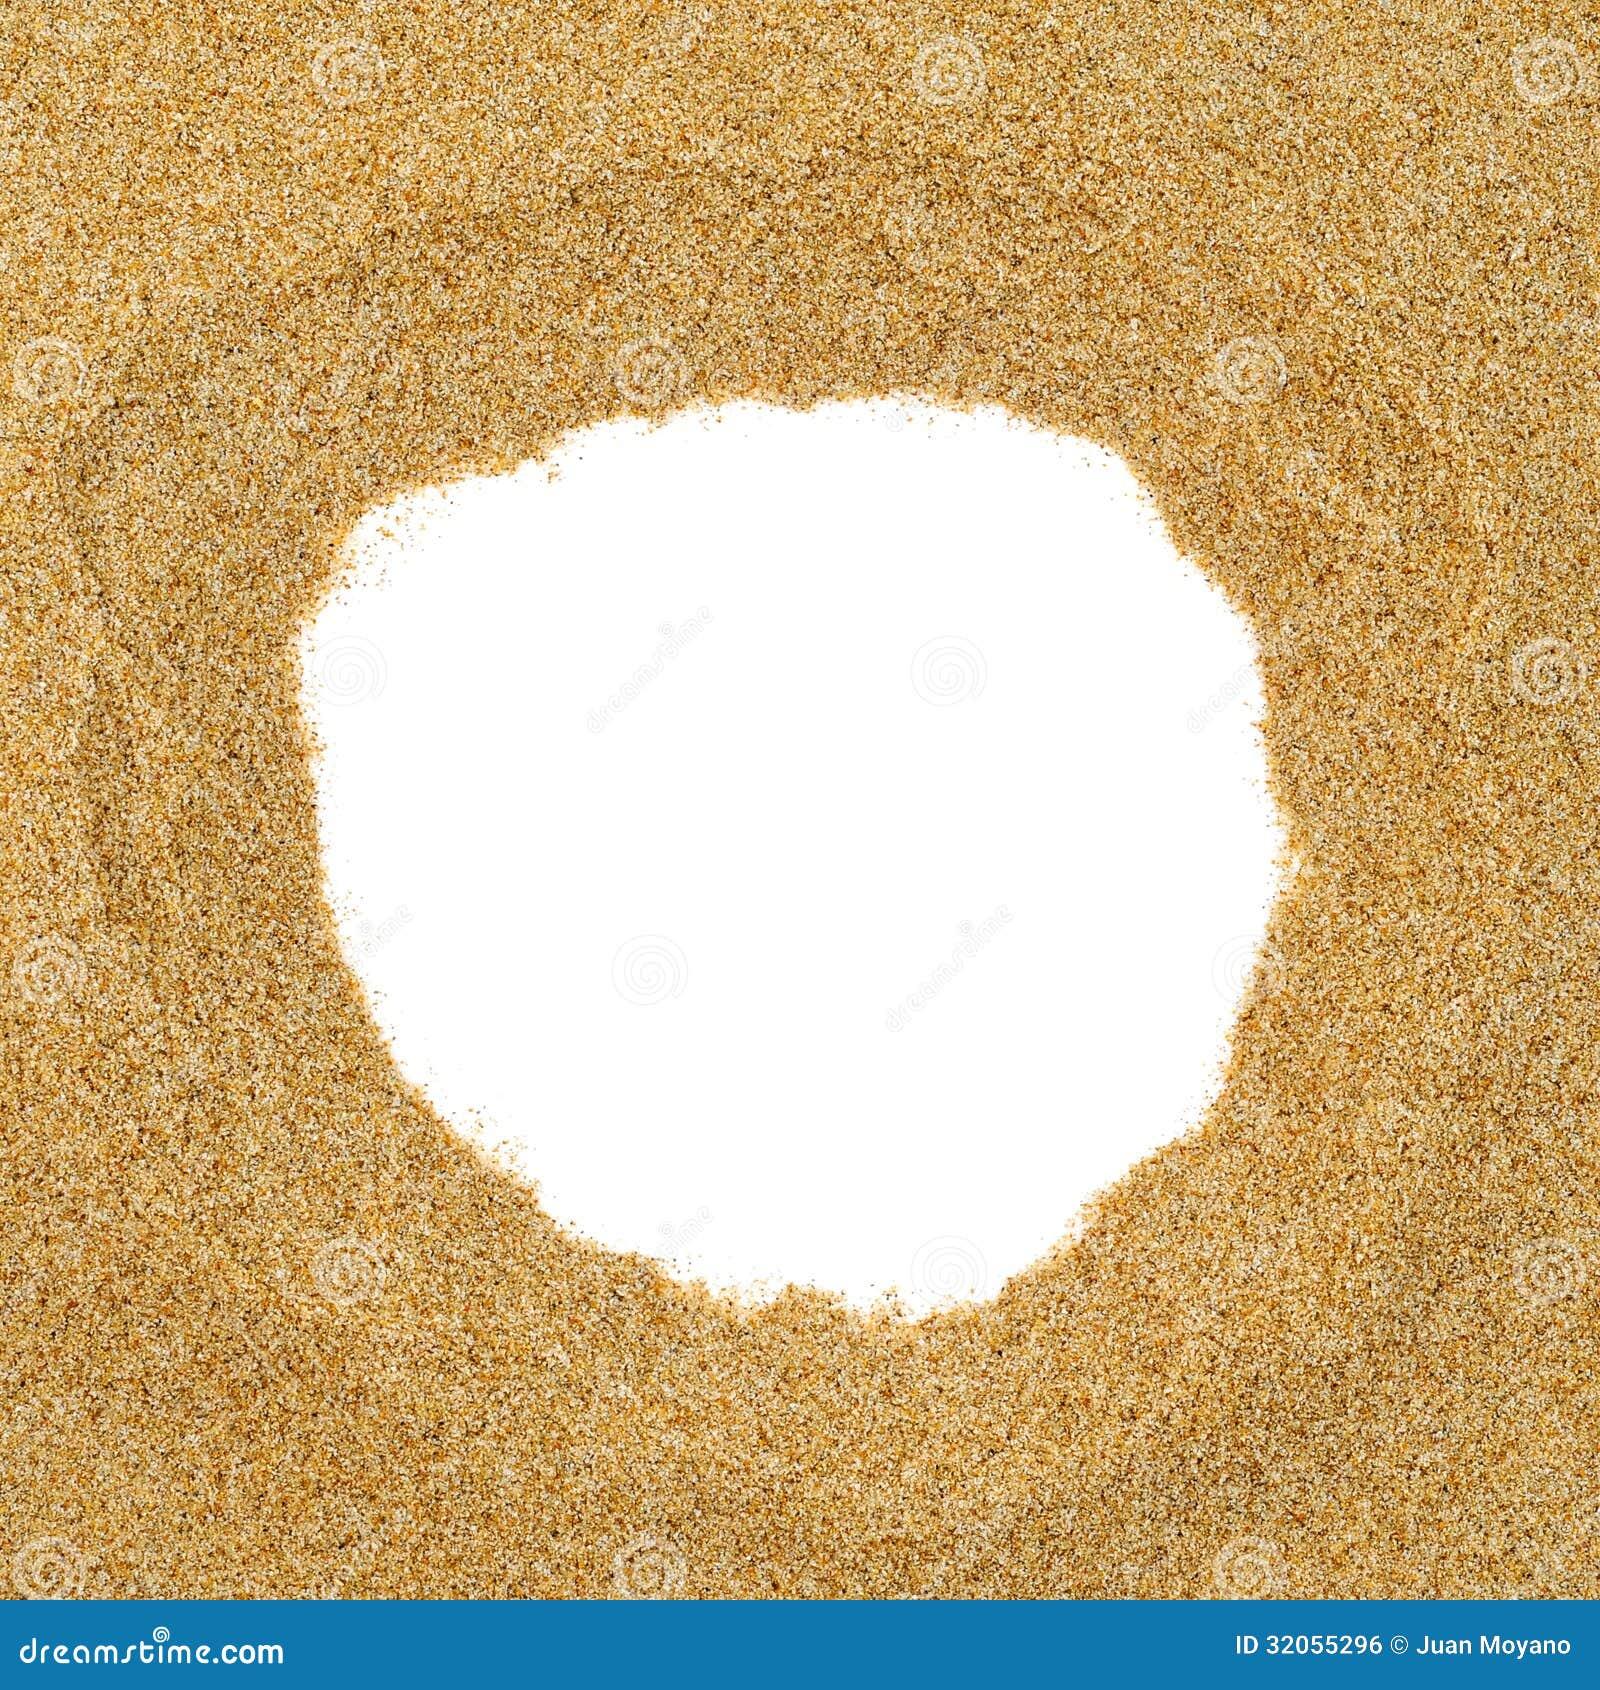 sand frame